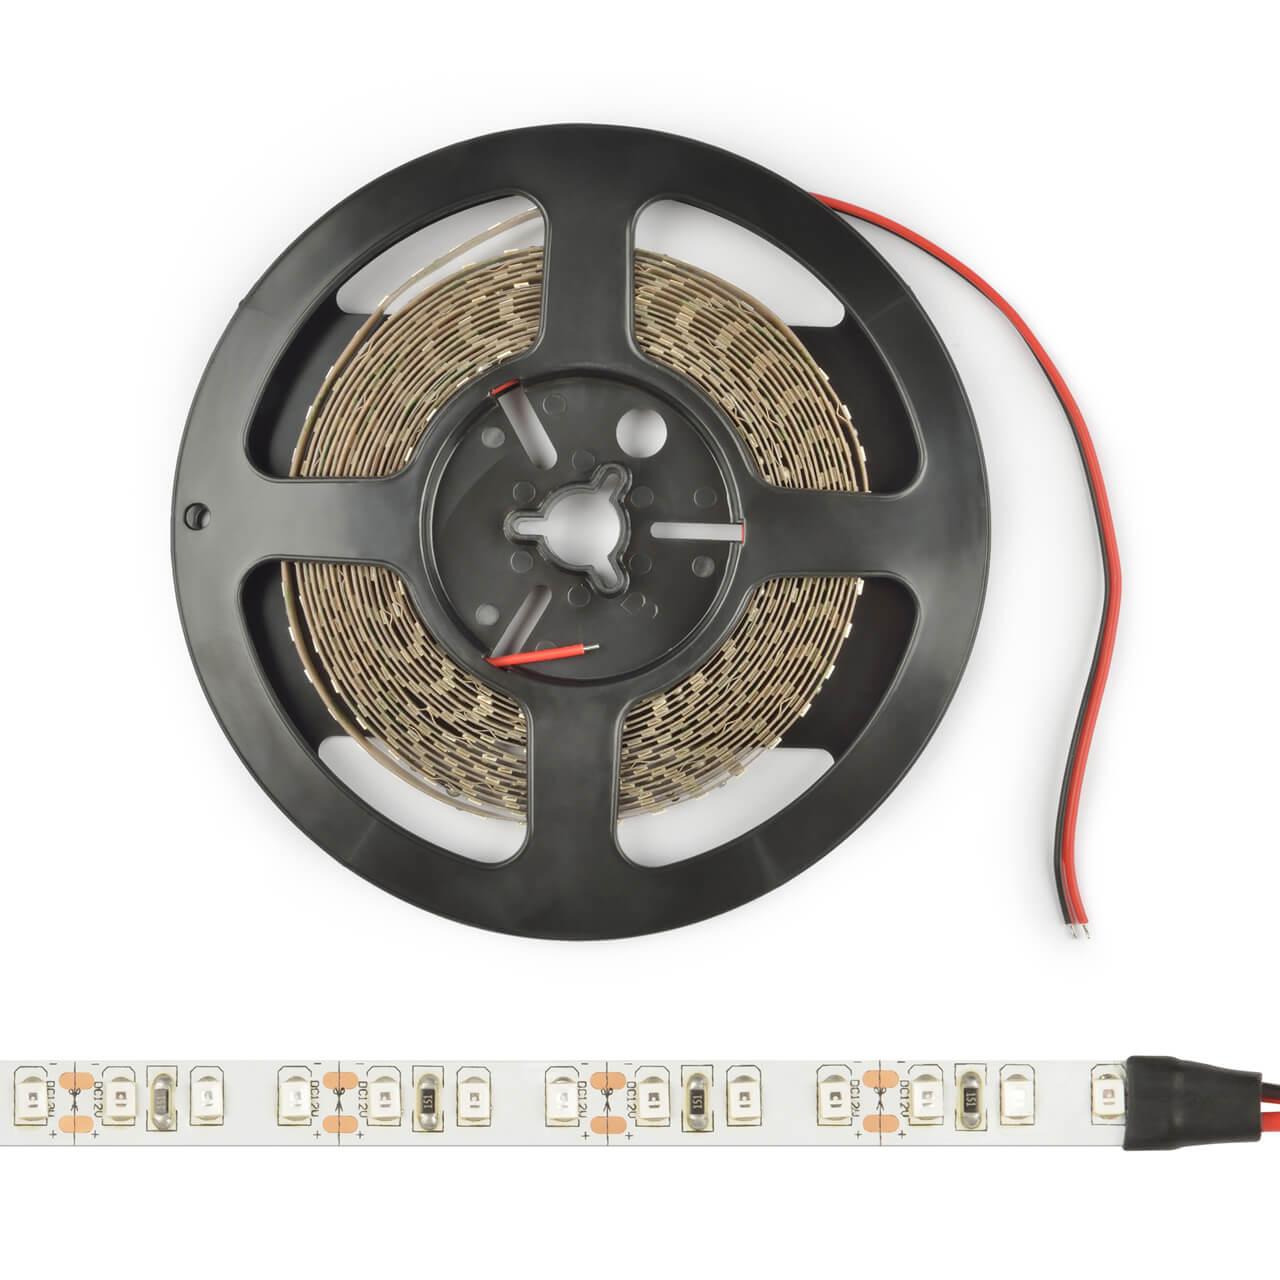 цена на Светодиодная лента Uniel (UL-00004361) 4,8W/m 60LED/m 2835SMD красный 5M ULS-M11-2835-60LED/m-8mm-IP20-DC12V-4,8W/m-5M-RED PROFI